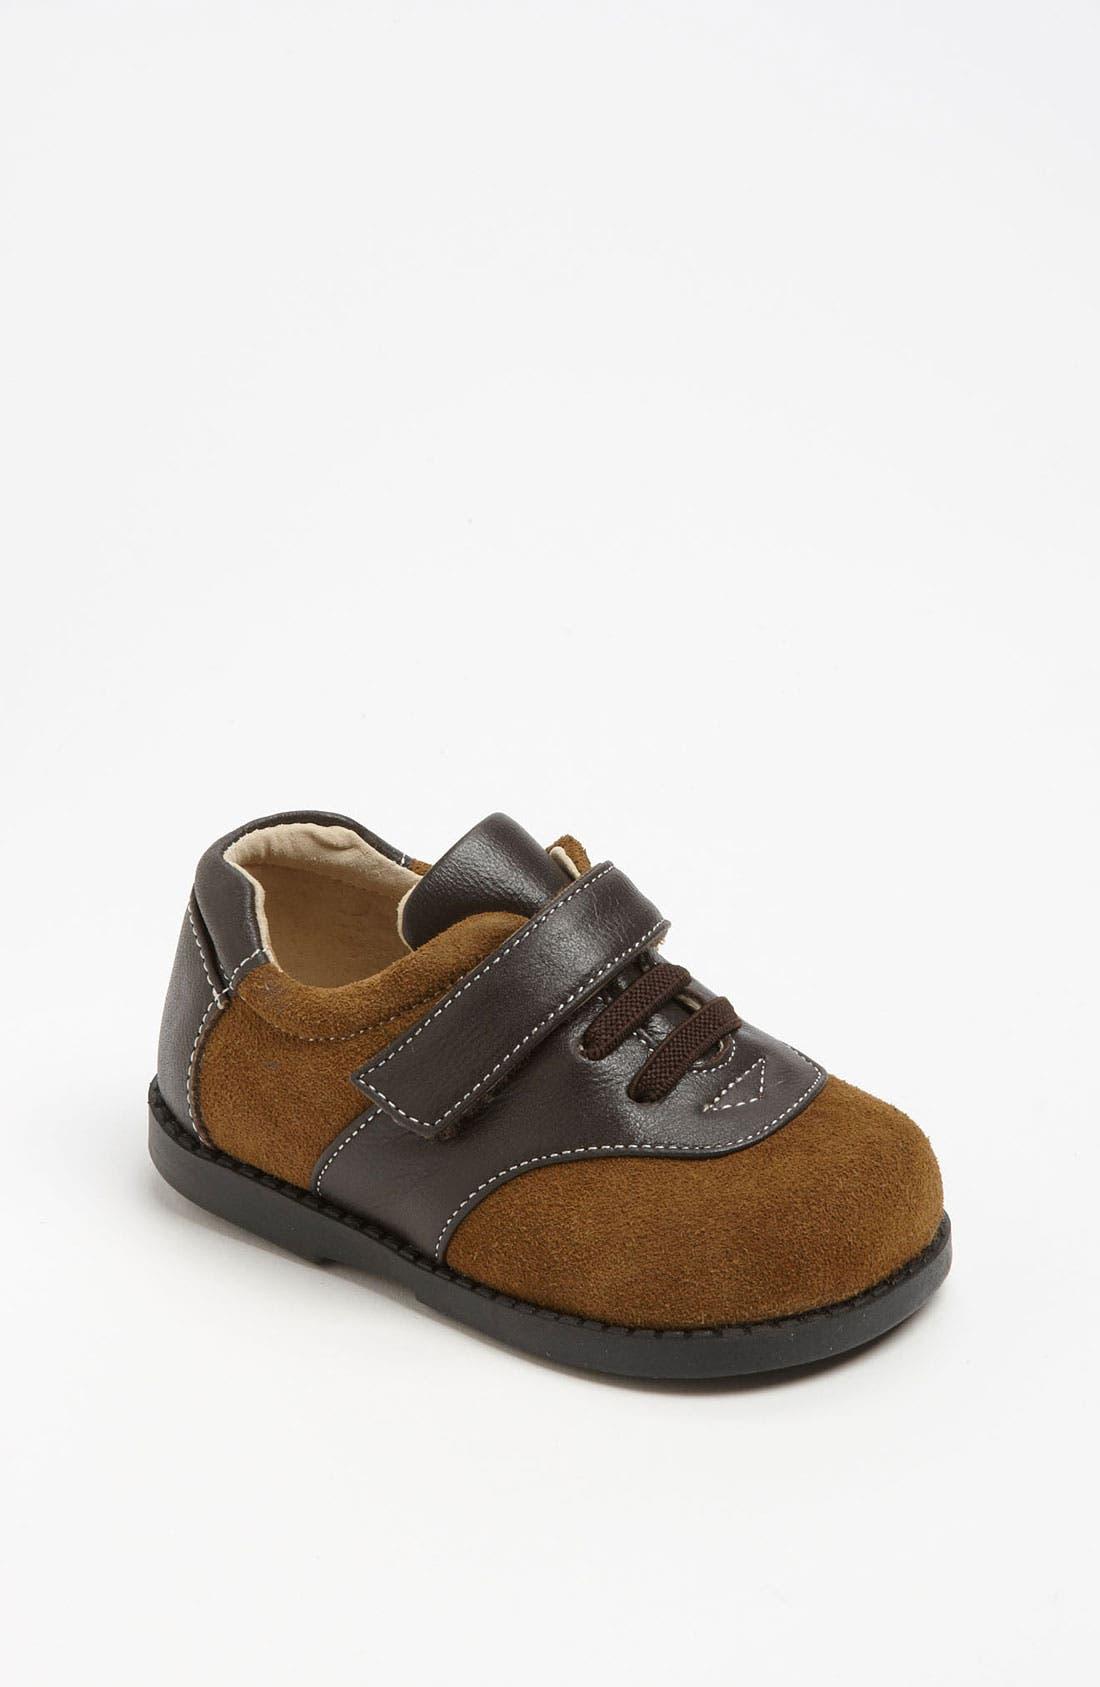 Main Image - See Kai Run 'Joshua' Dress Shoe (Baby, Walker & Toddler)